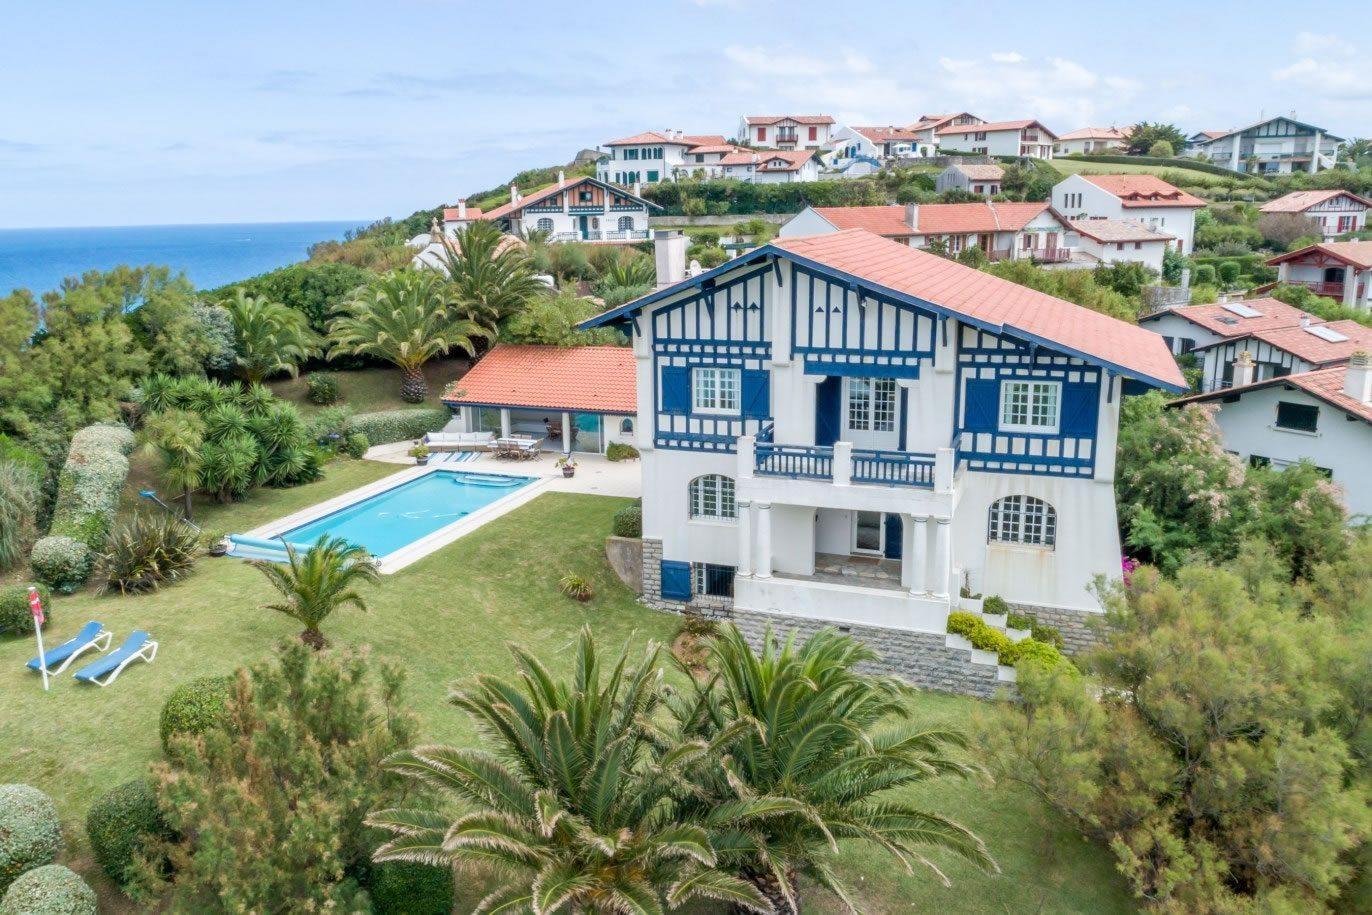 villa-familiale-basque-piscine-a-louer-bidart-acces-plage-vue-ocean-montagne